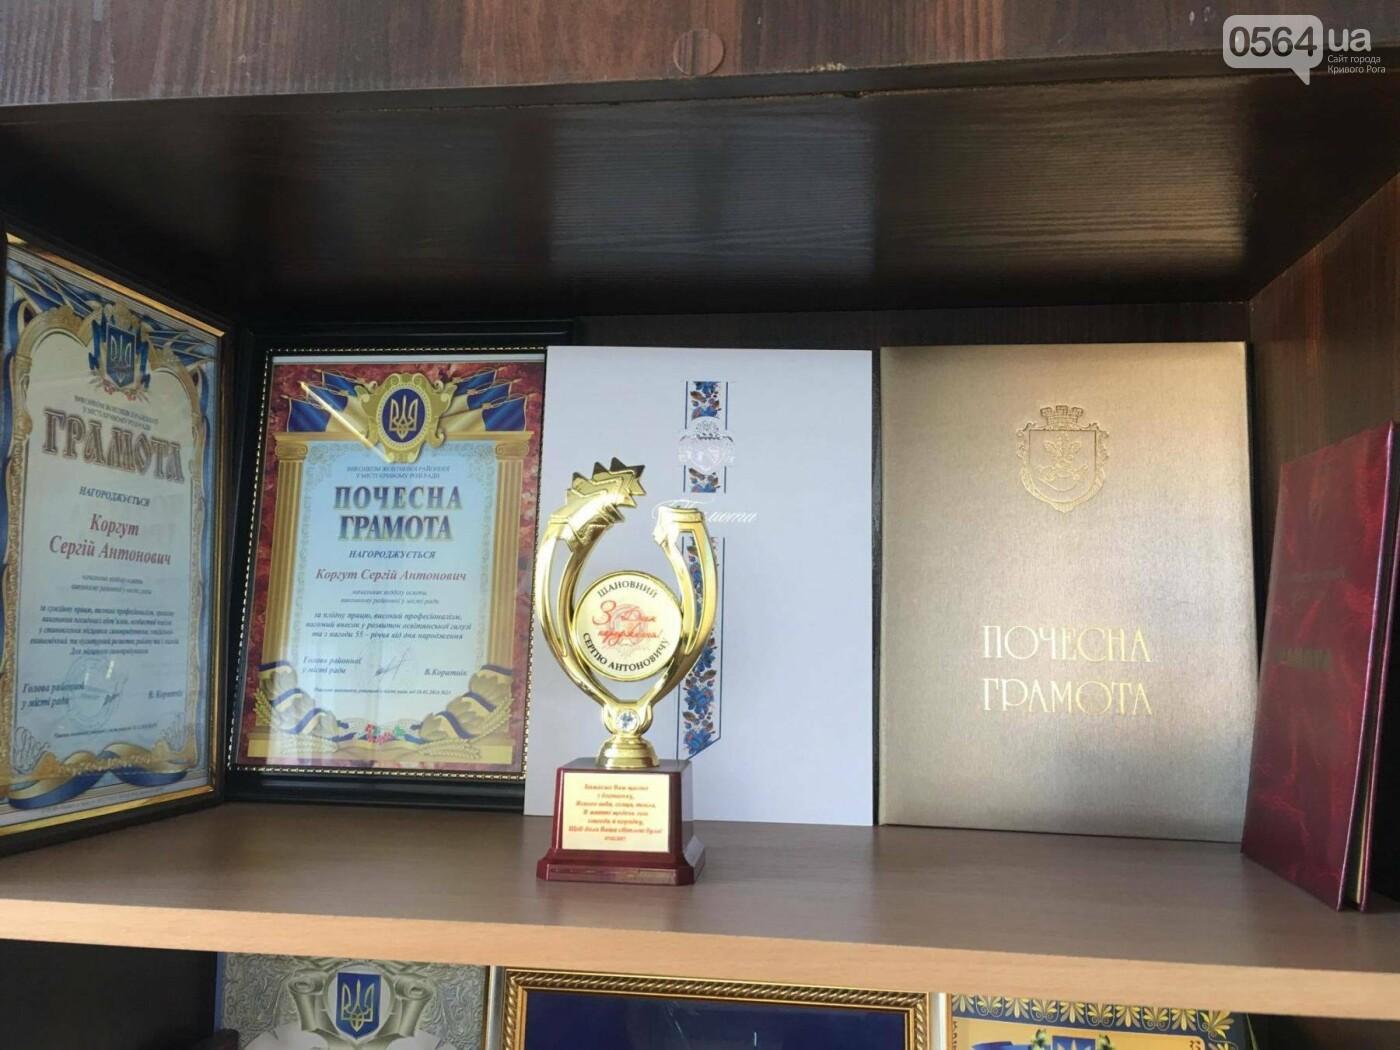 Фирма, кормившая криворожских школьников некачественным творогом, имела сертификаты (ФОТО), фото-2